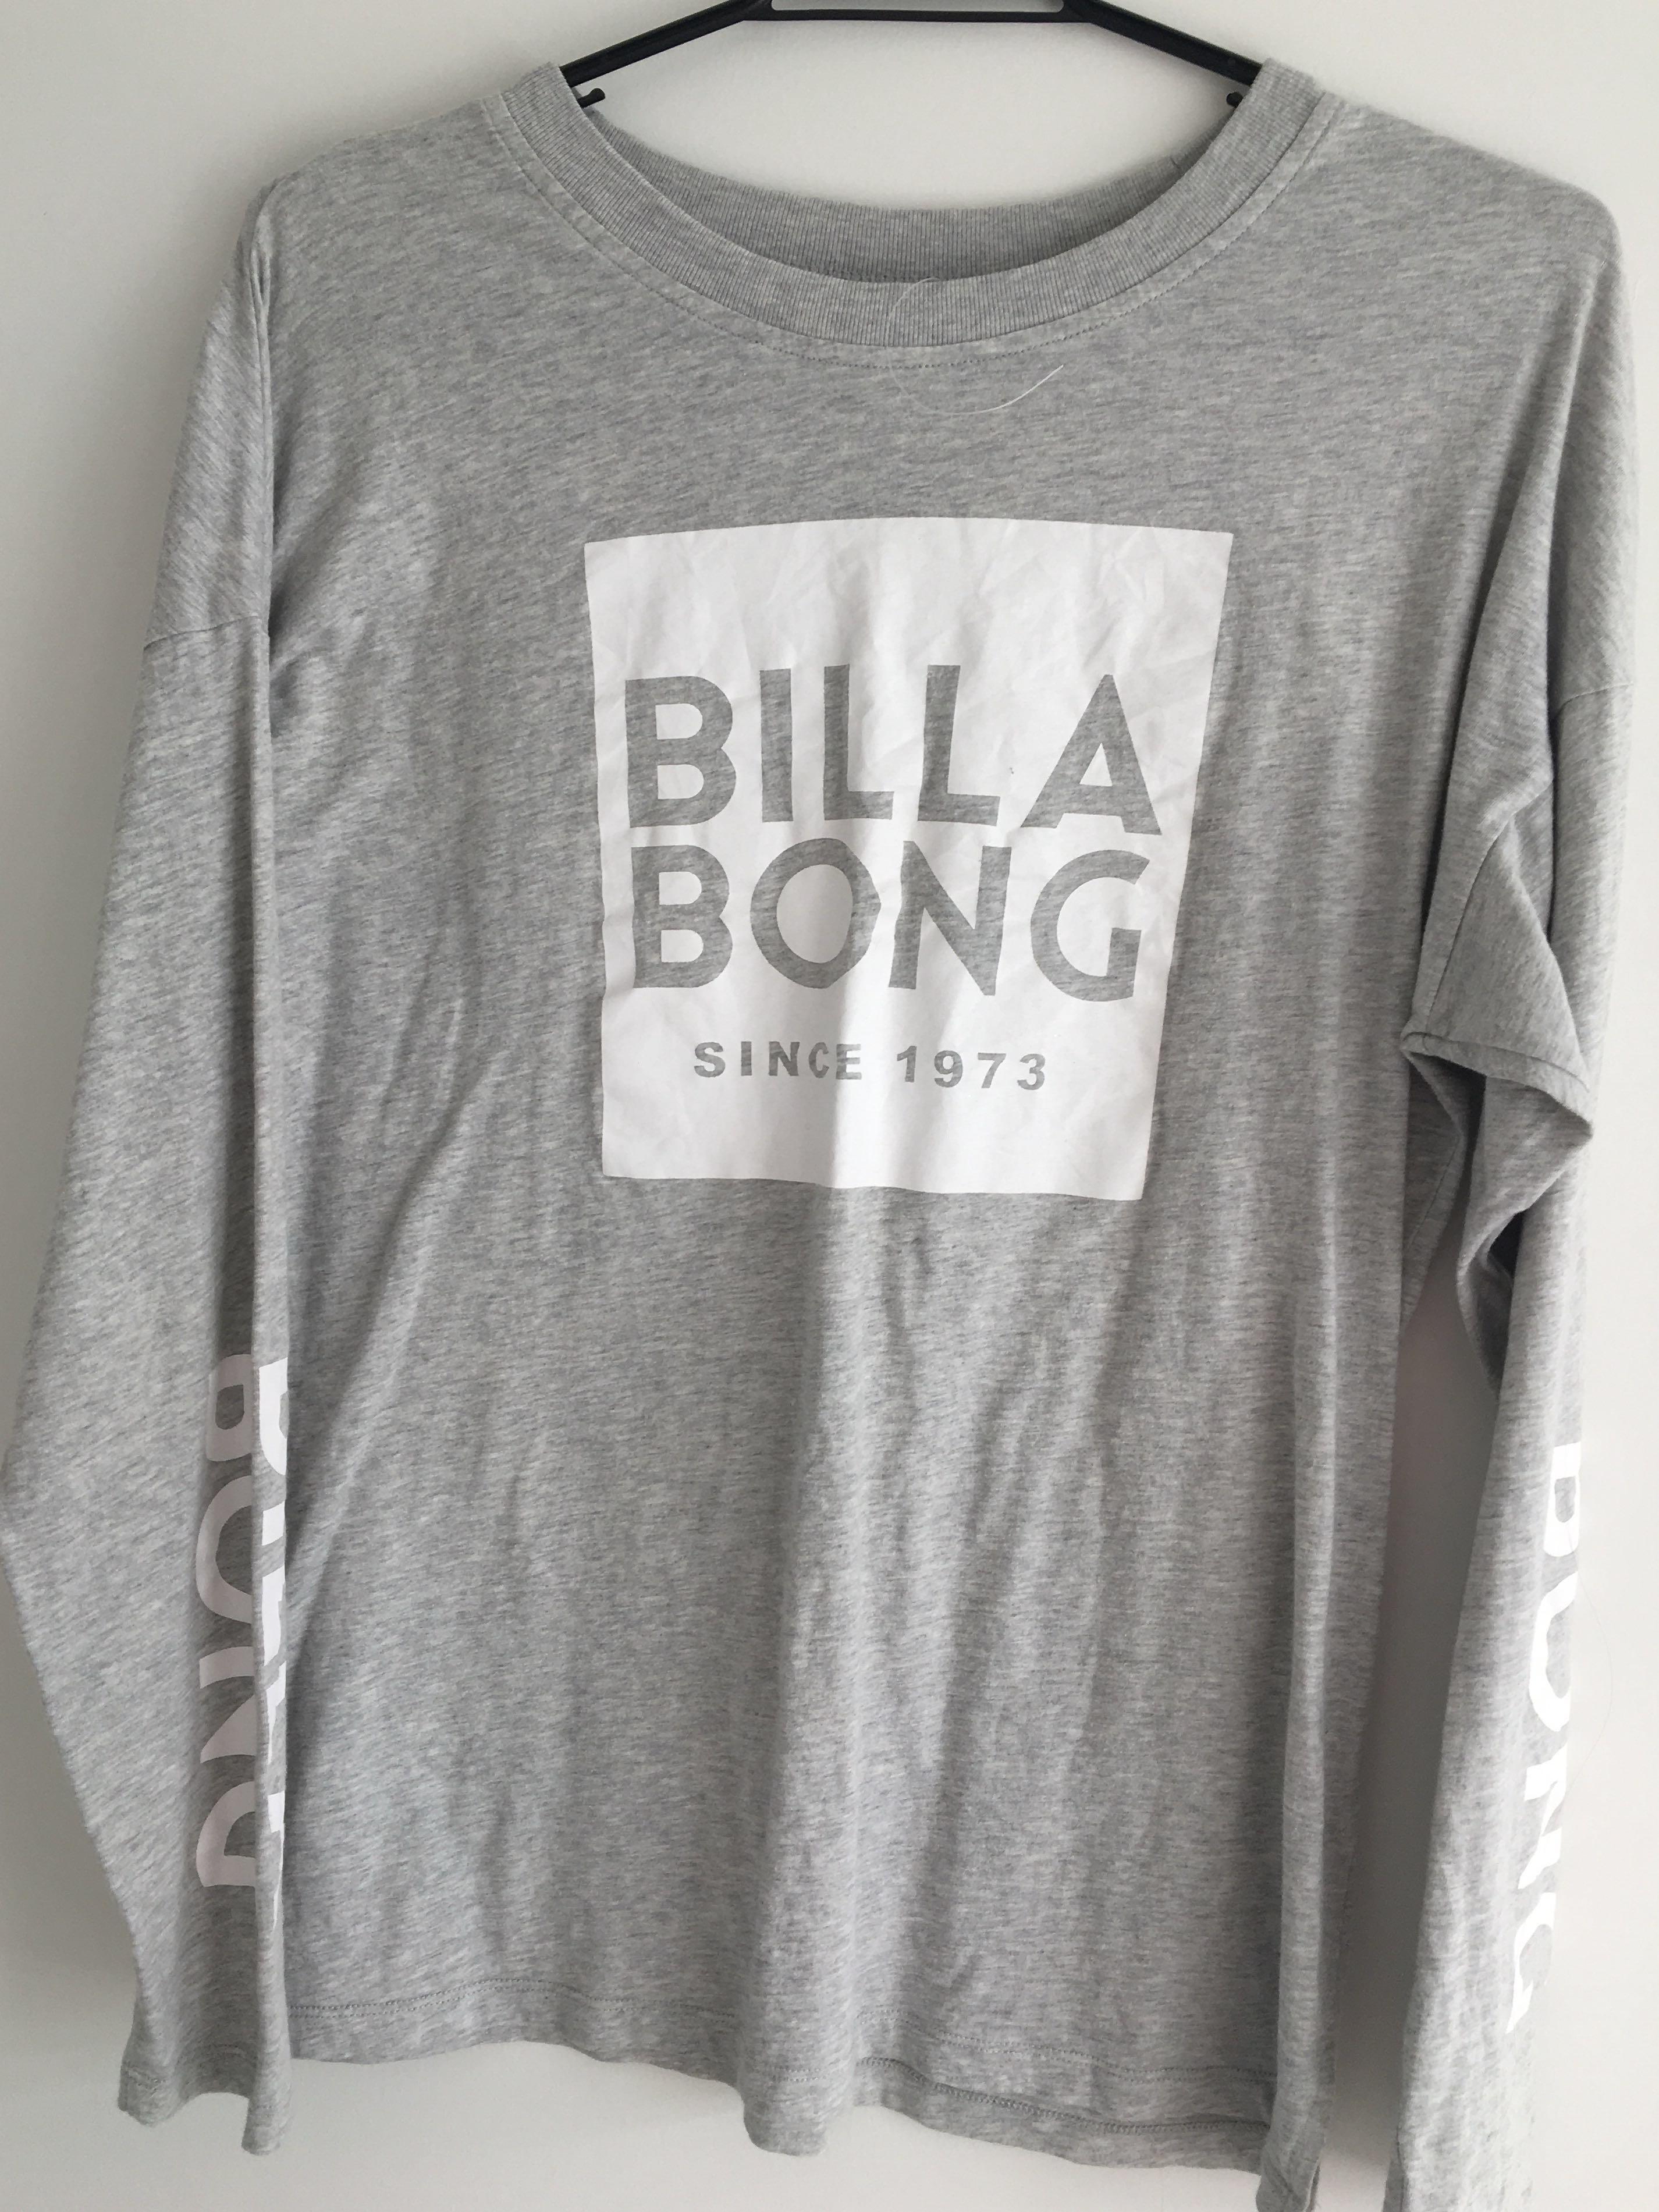 Billabong long sleeve top